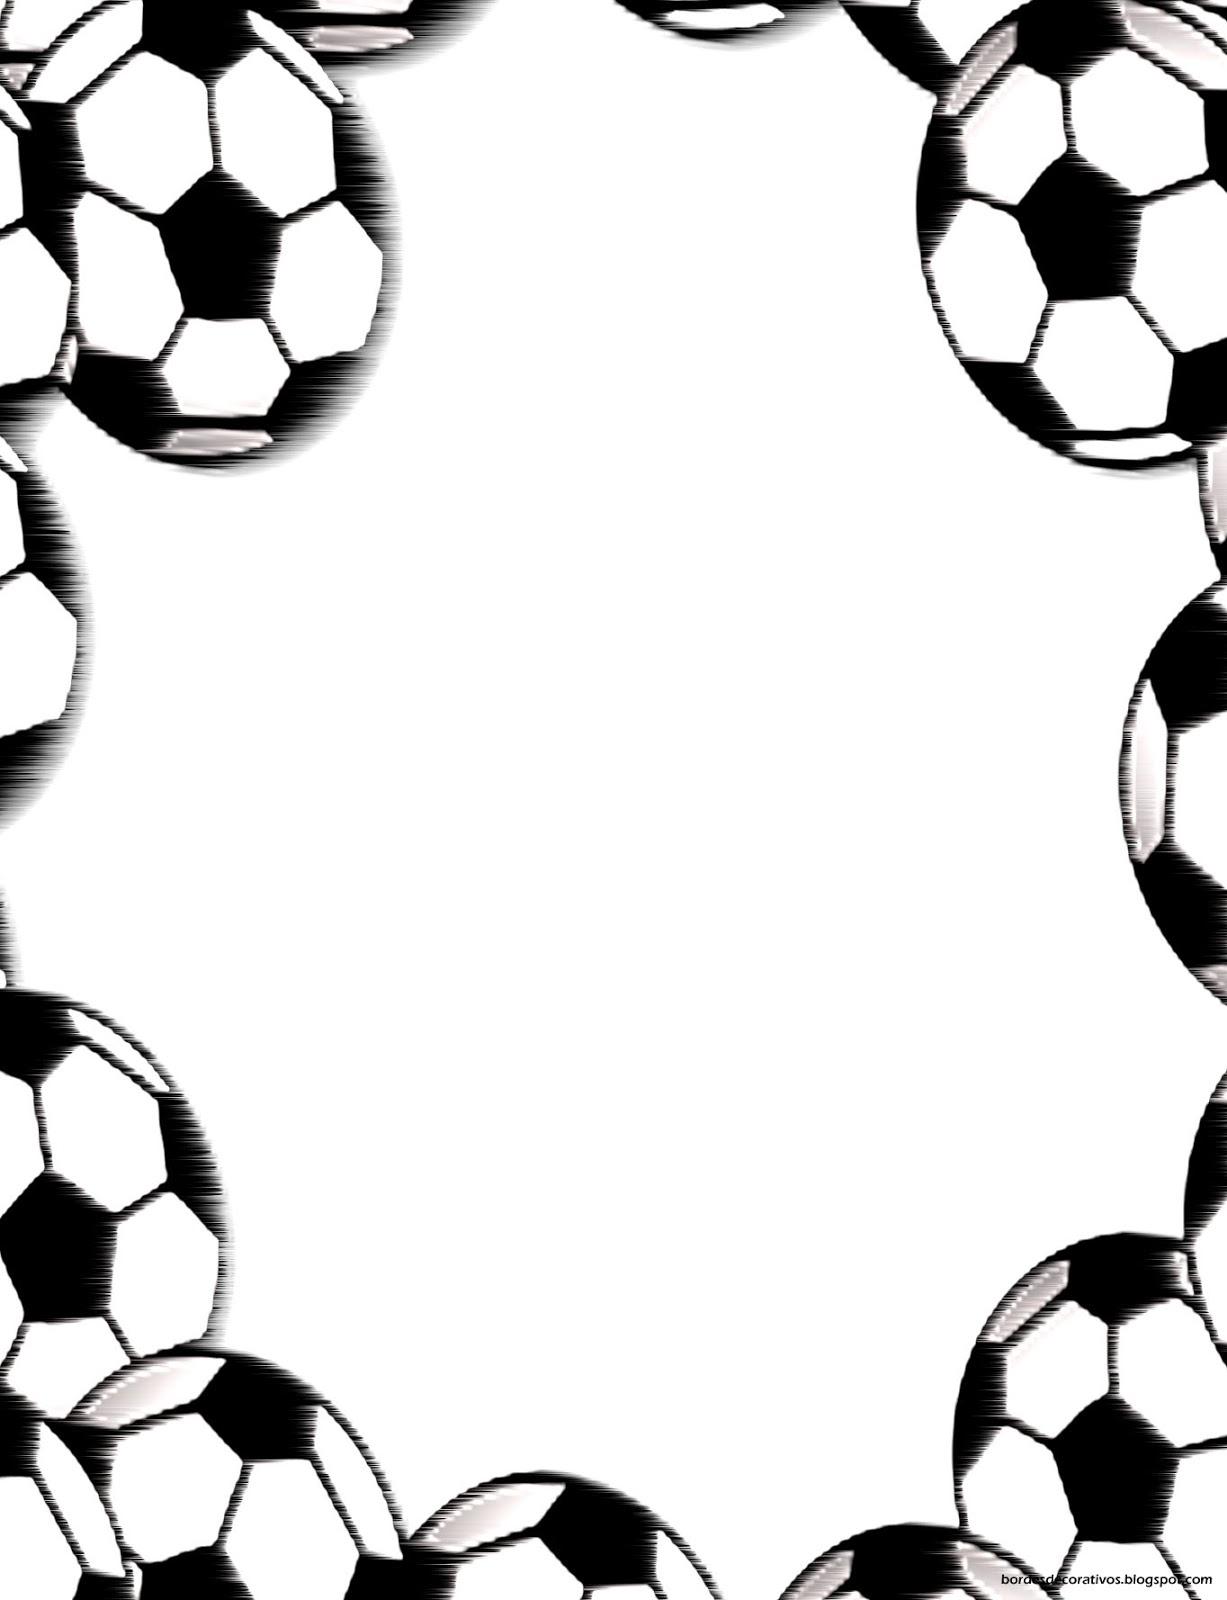 Pelotas de deporte para imprimir Imagenes y dibujos para  - Imagenes De Pelotas De Futbol Para Imprimir